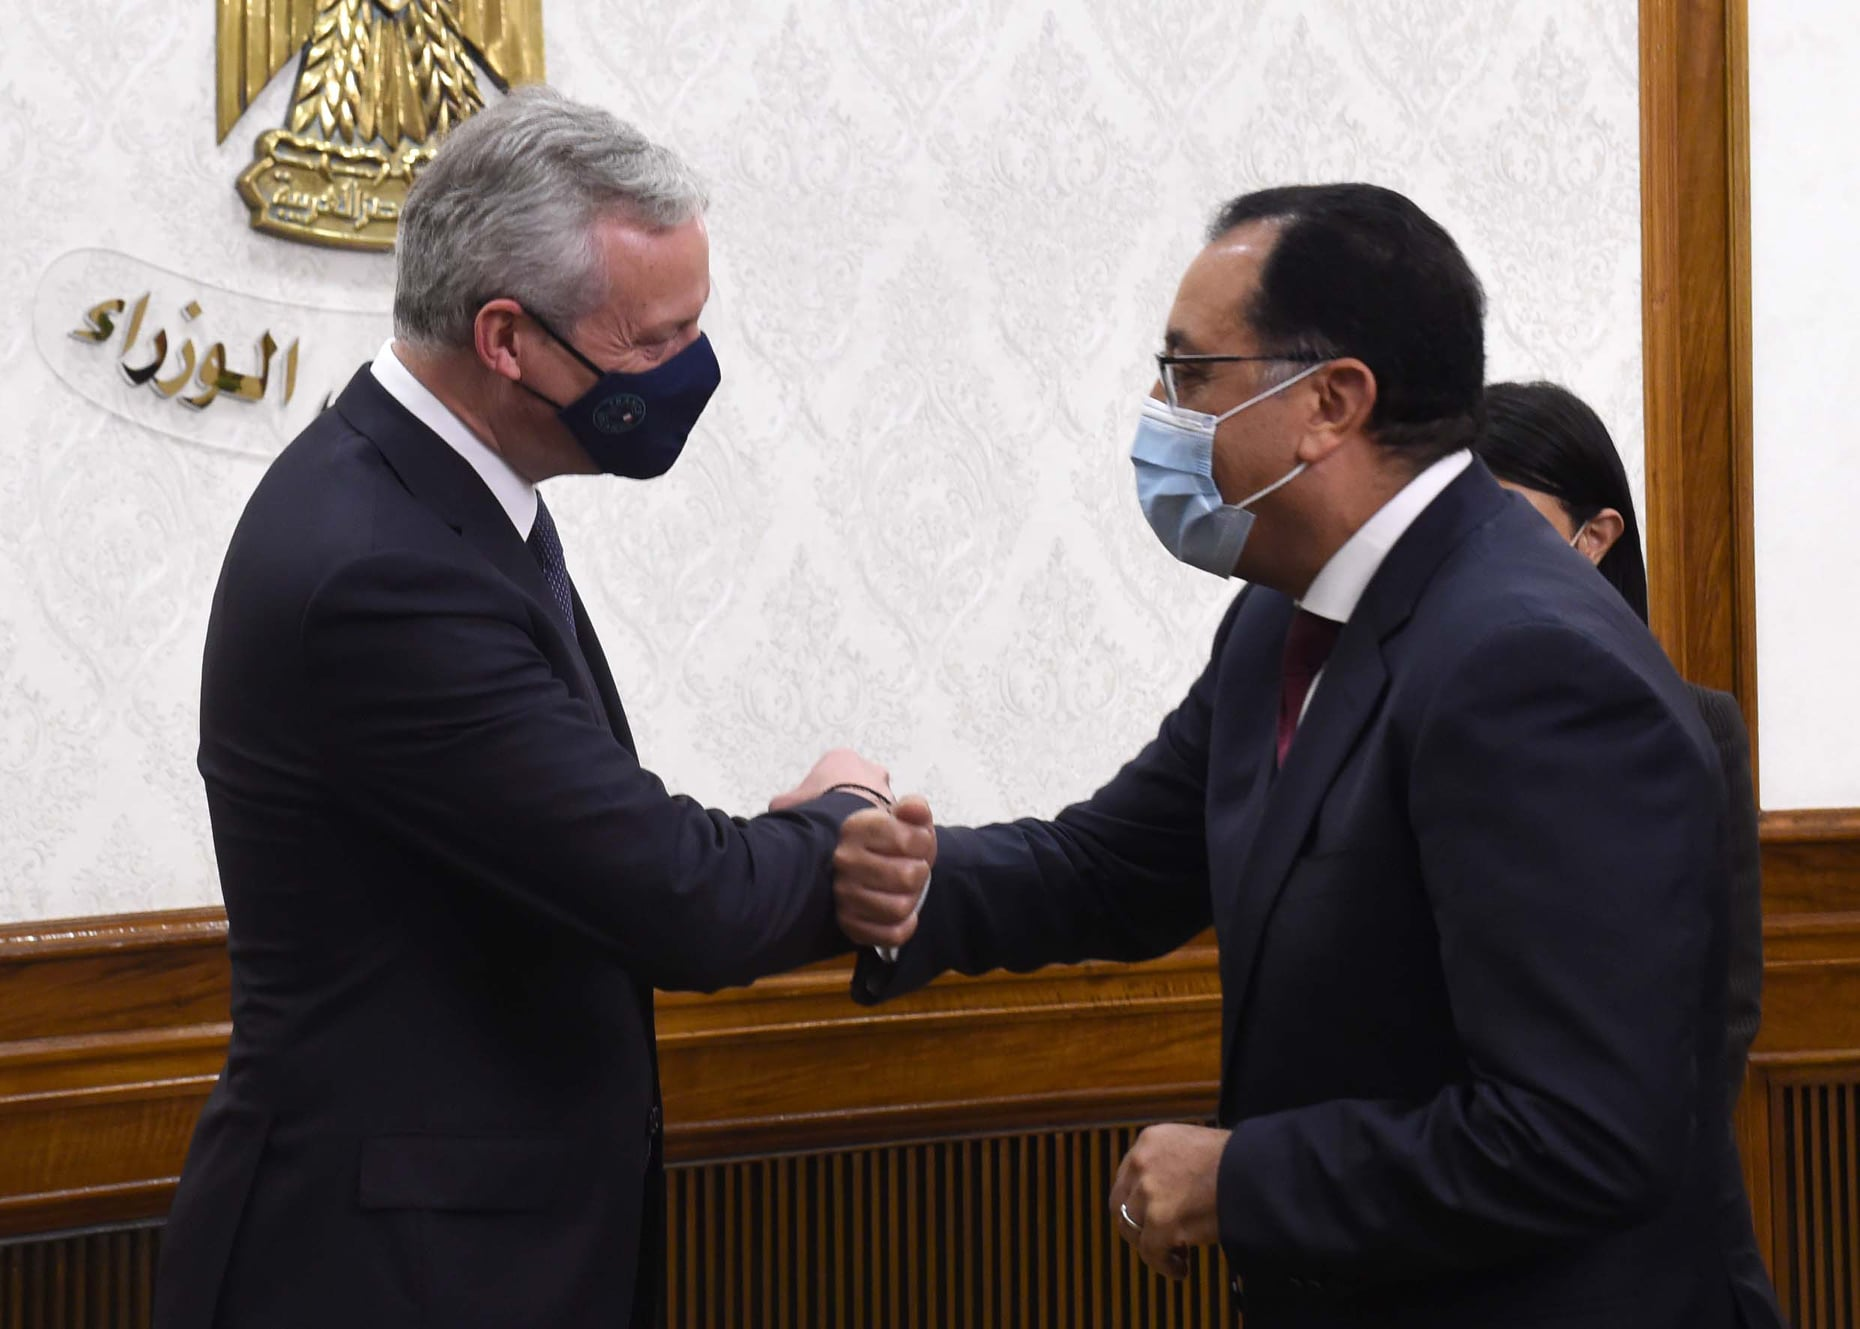 مصر توقع اتفاقًا مع فرنسا بـ1.7 مليار يورو لتنفيذ مشروعات تنموية